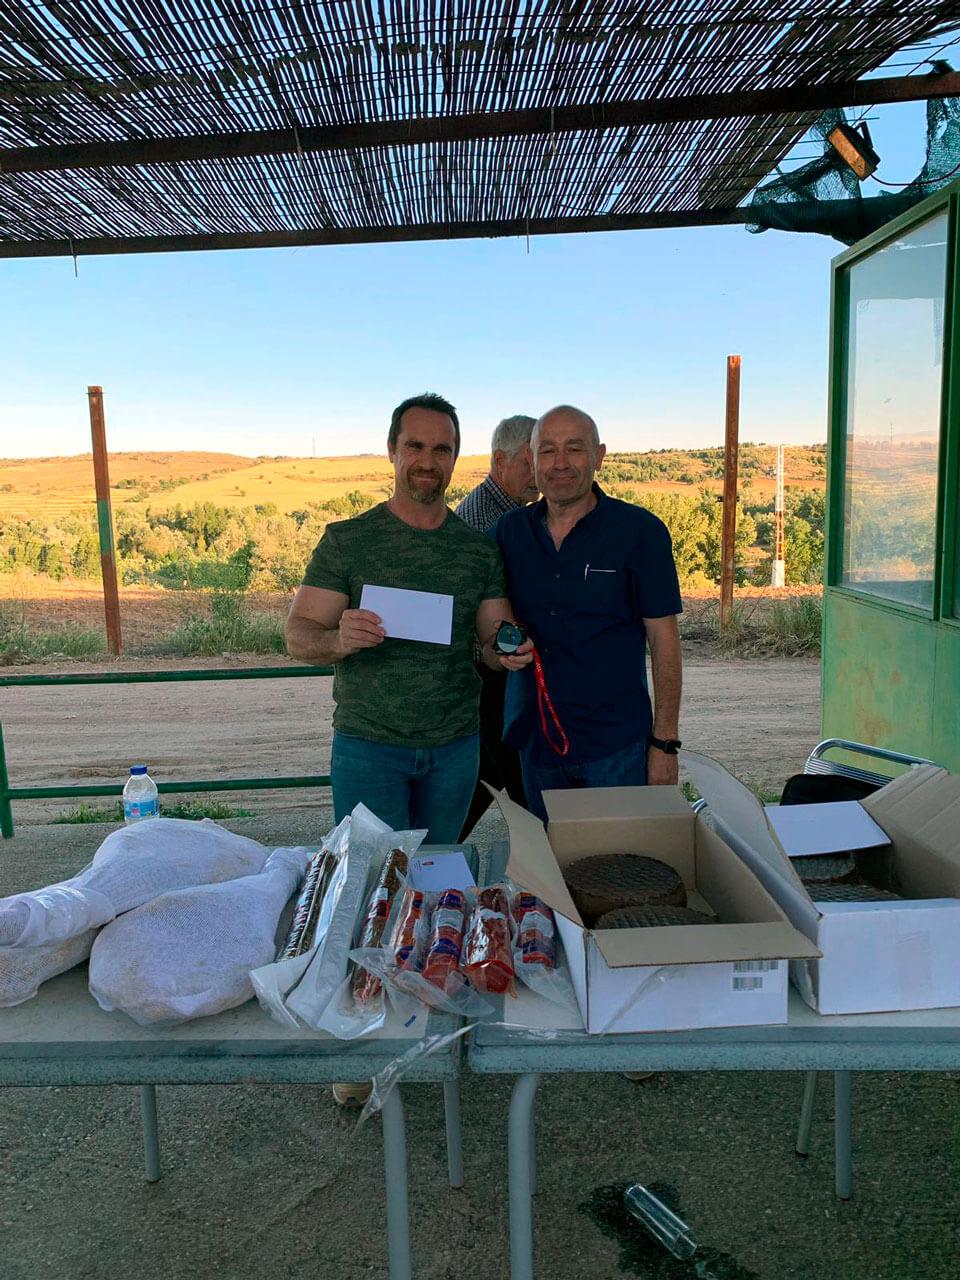 Alberto García Marina Campeón Senior, junto al Delegado de Área de la FMC, Camilo Hurtado Entenza